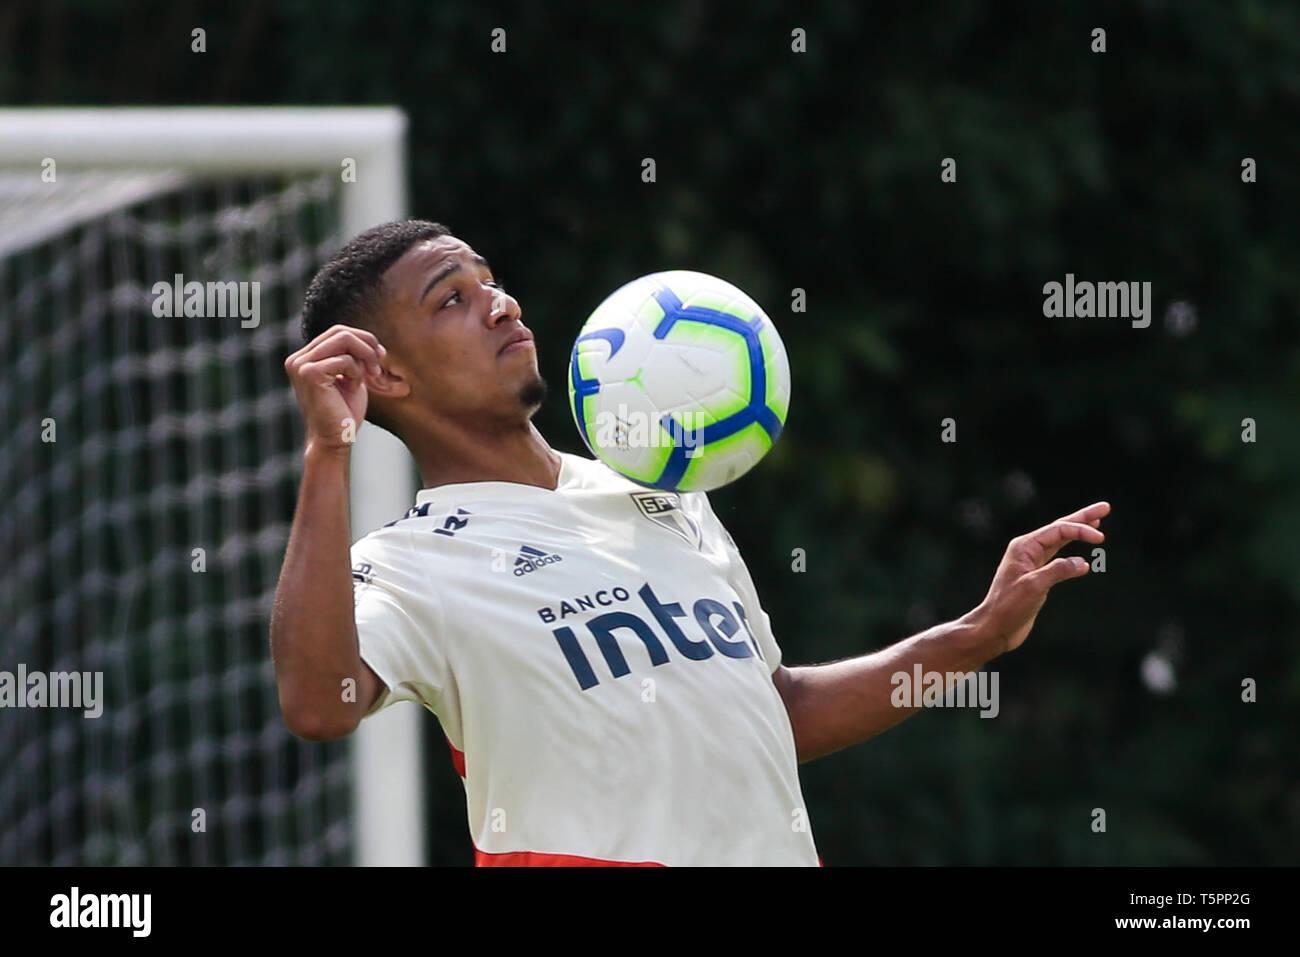 SP - Sao Paulo - 04/26/2019 - Training of Sao Paulo - Brenner during training of Sao Paulo at CT Barra Funda. Photo: Marcello Zambrana / AGIF Stock Photo